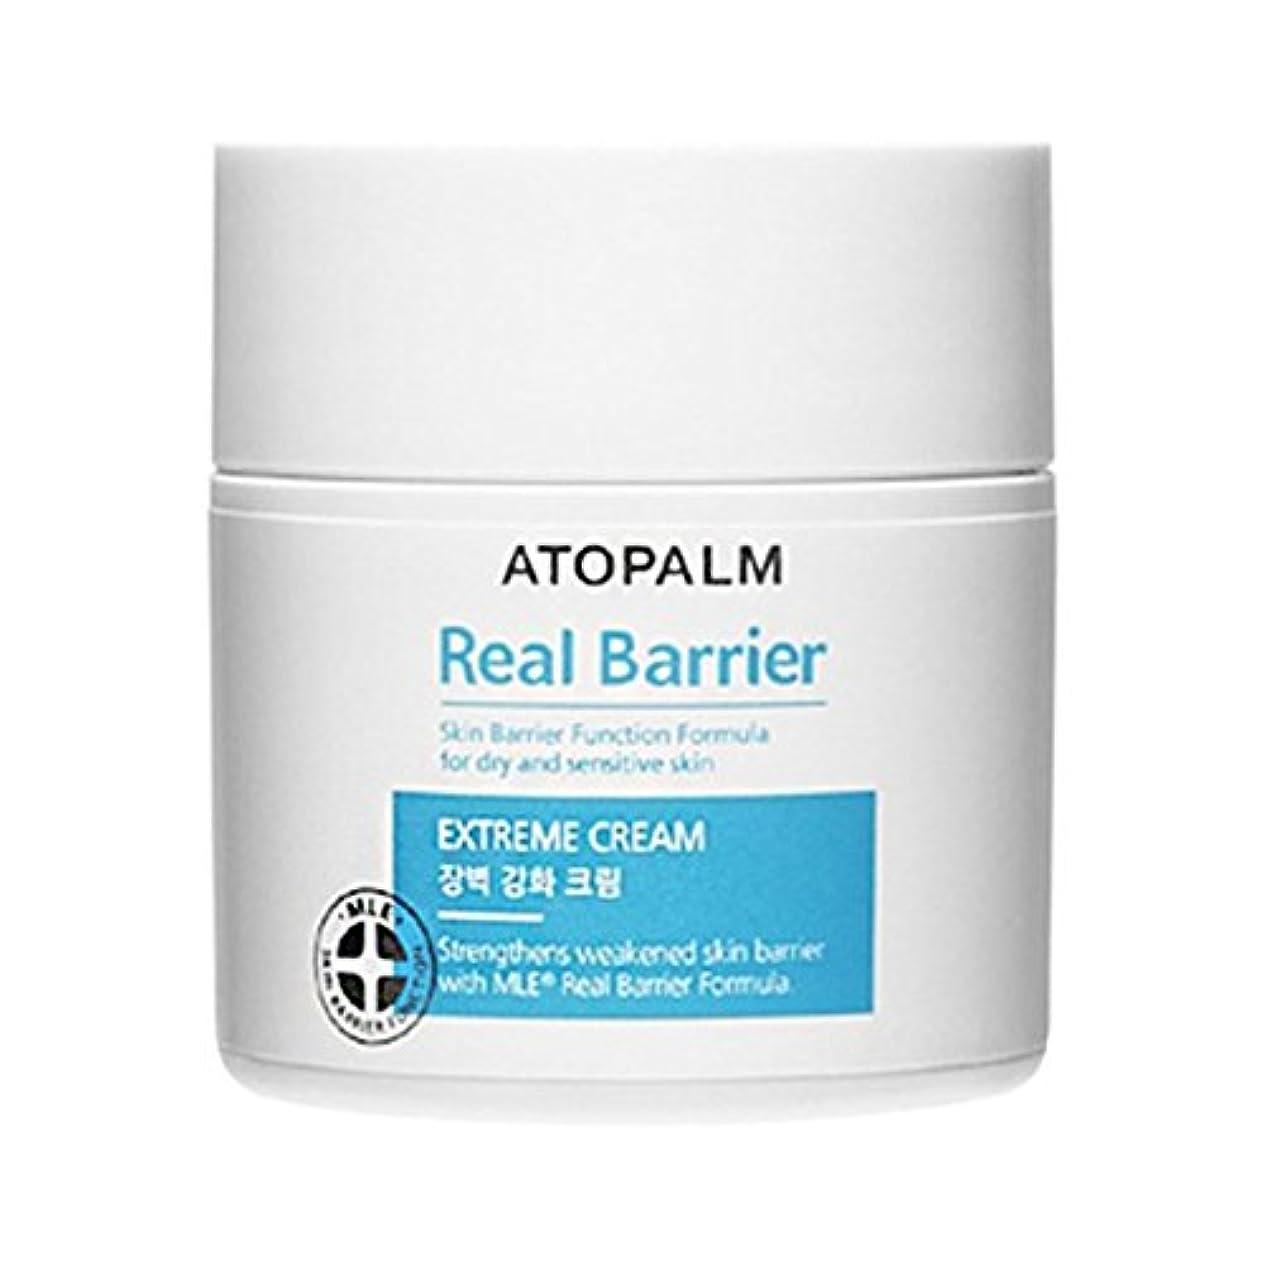 保証行為スーパーアトファムリアルバリア?エクストリームクリーム50ml、韓国化粧品 ATOPALM Real Barrier Extream Cream 50ml, Korean Cosmetics [並行輸入品]